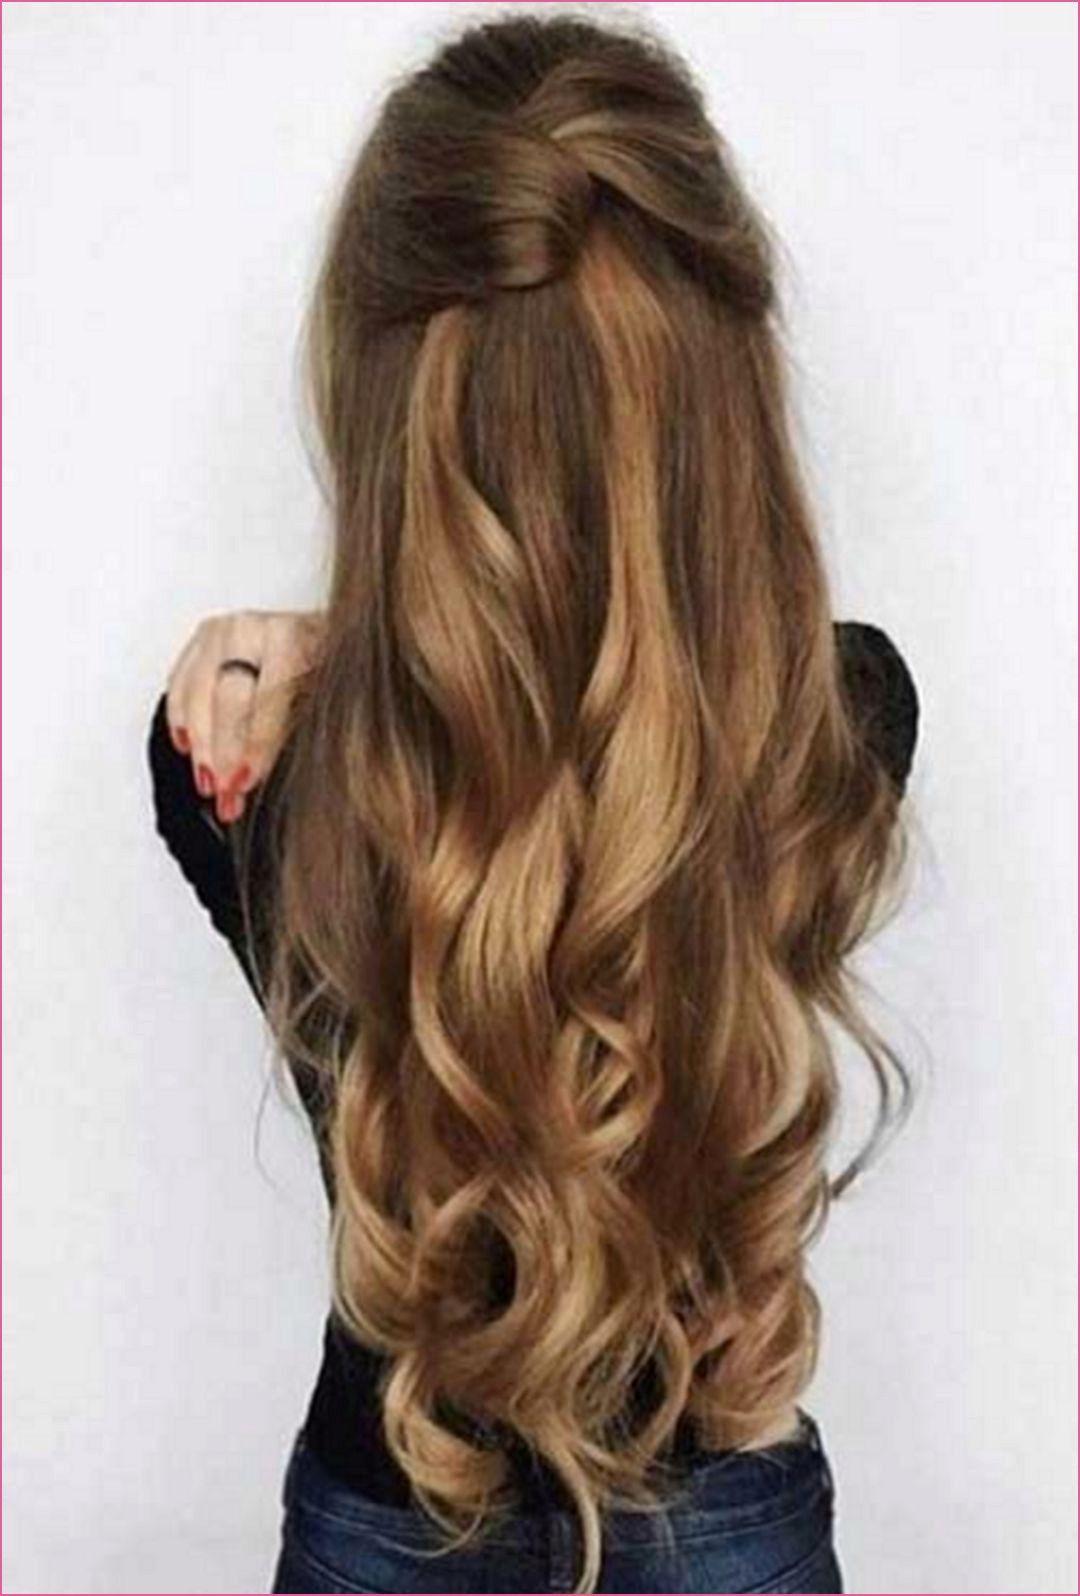 Fischschwanz Frisur Fur Lange Glatte Haare Mit Einem Kleinen Dutt Halbes Haar Hochgesteckt Geflochtene Frisuren Brautfrisur Brautjungfern Frisuren